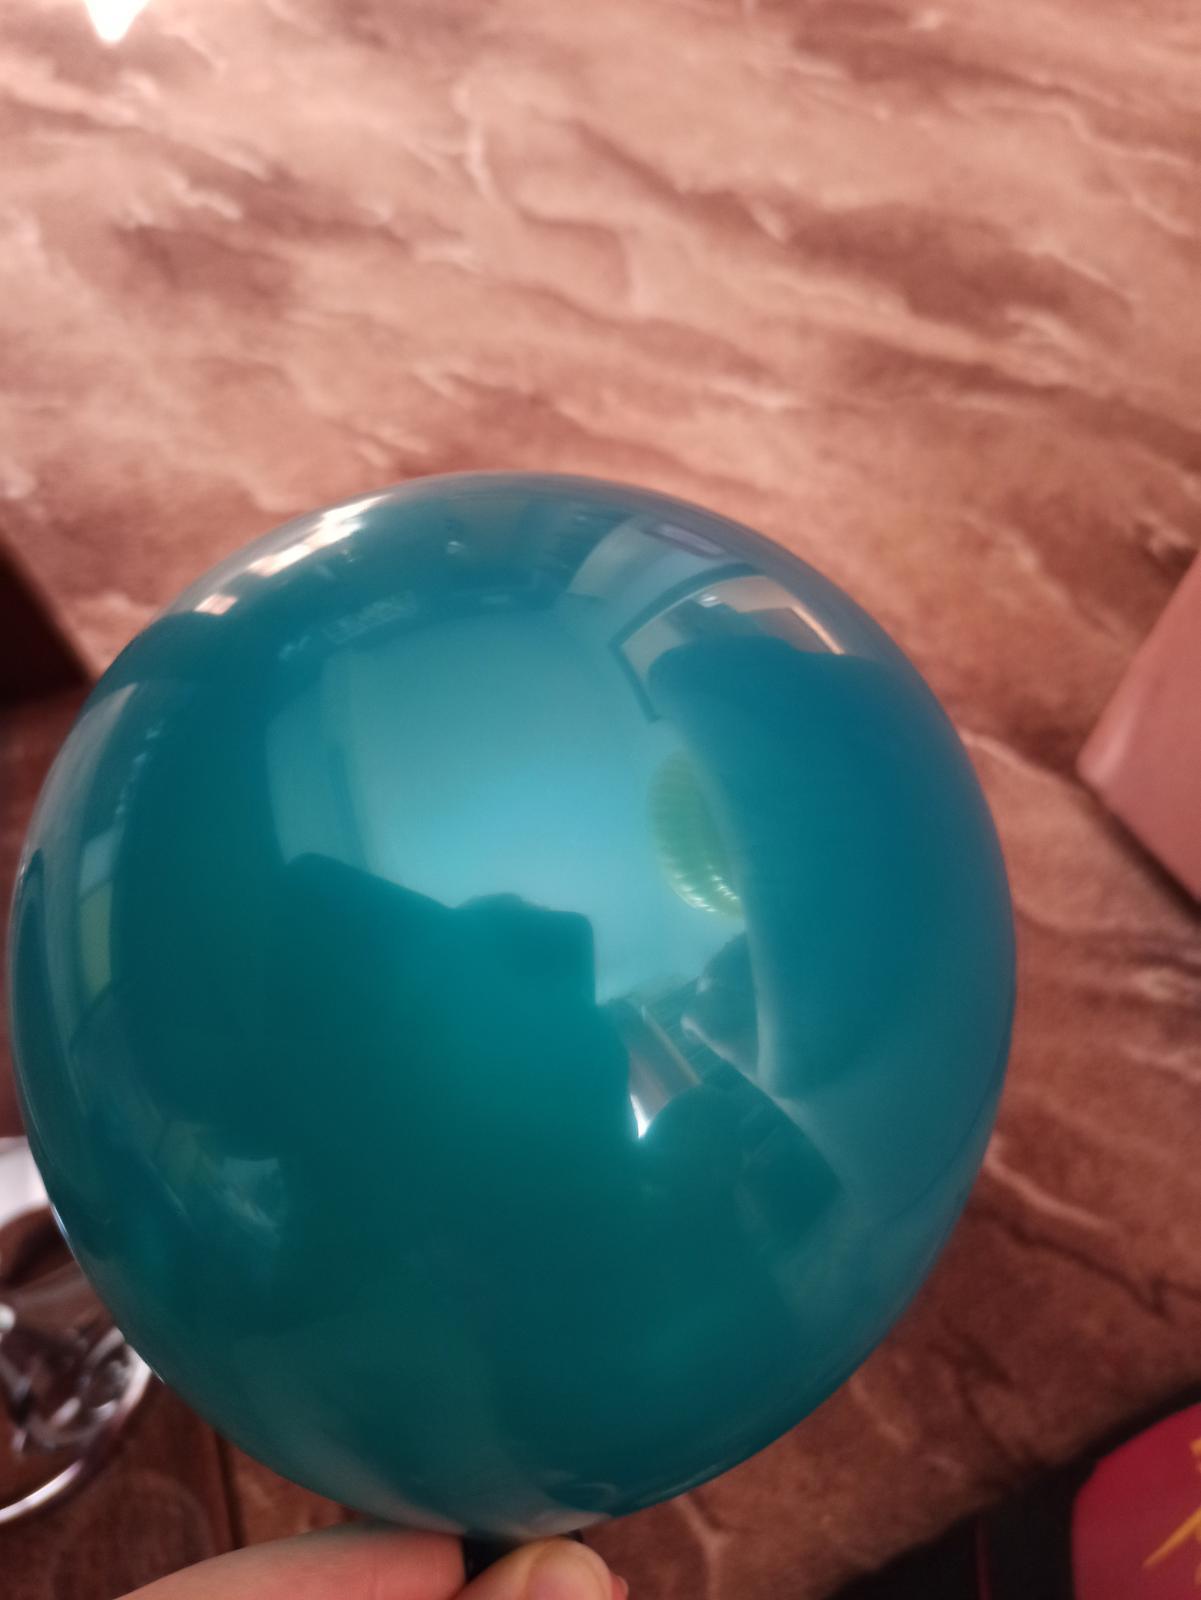 Balónky teal/petrolejové - Obrázek č. 3